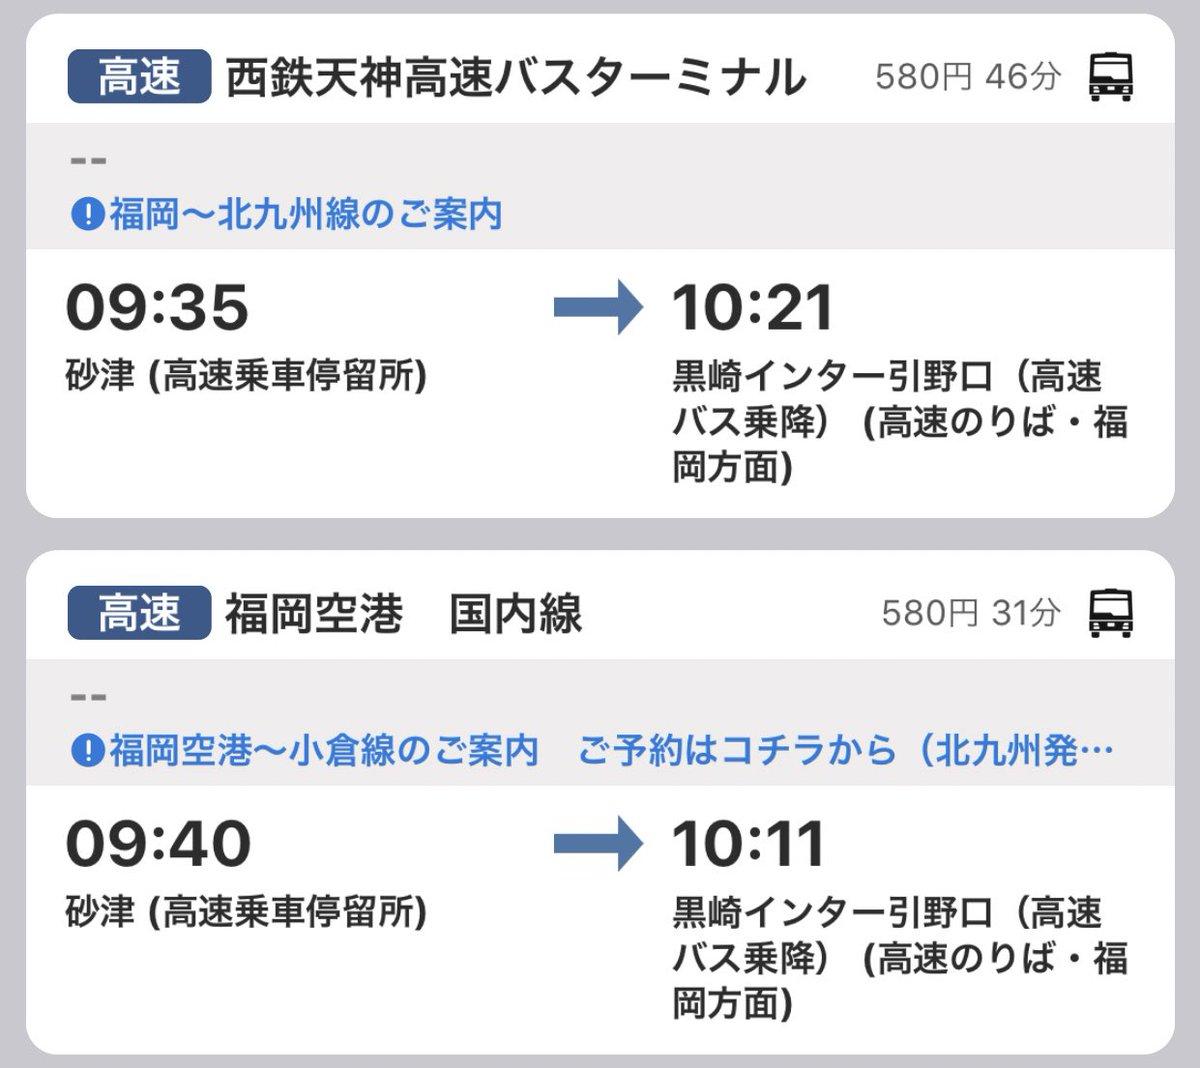 から 空港 現在地 福岡